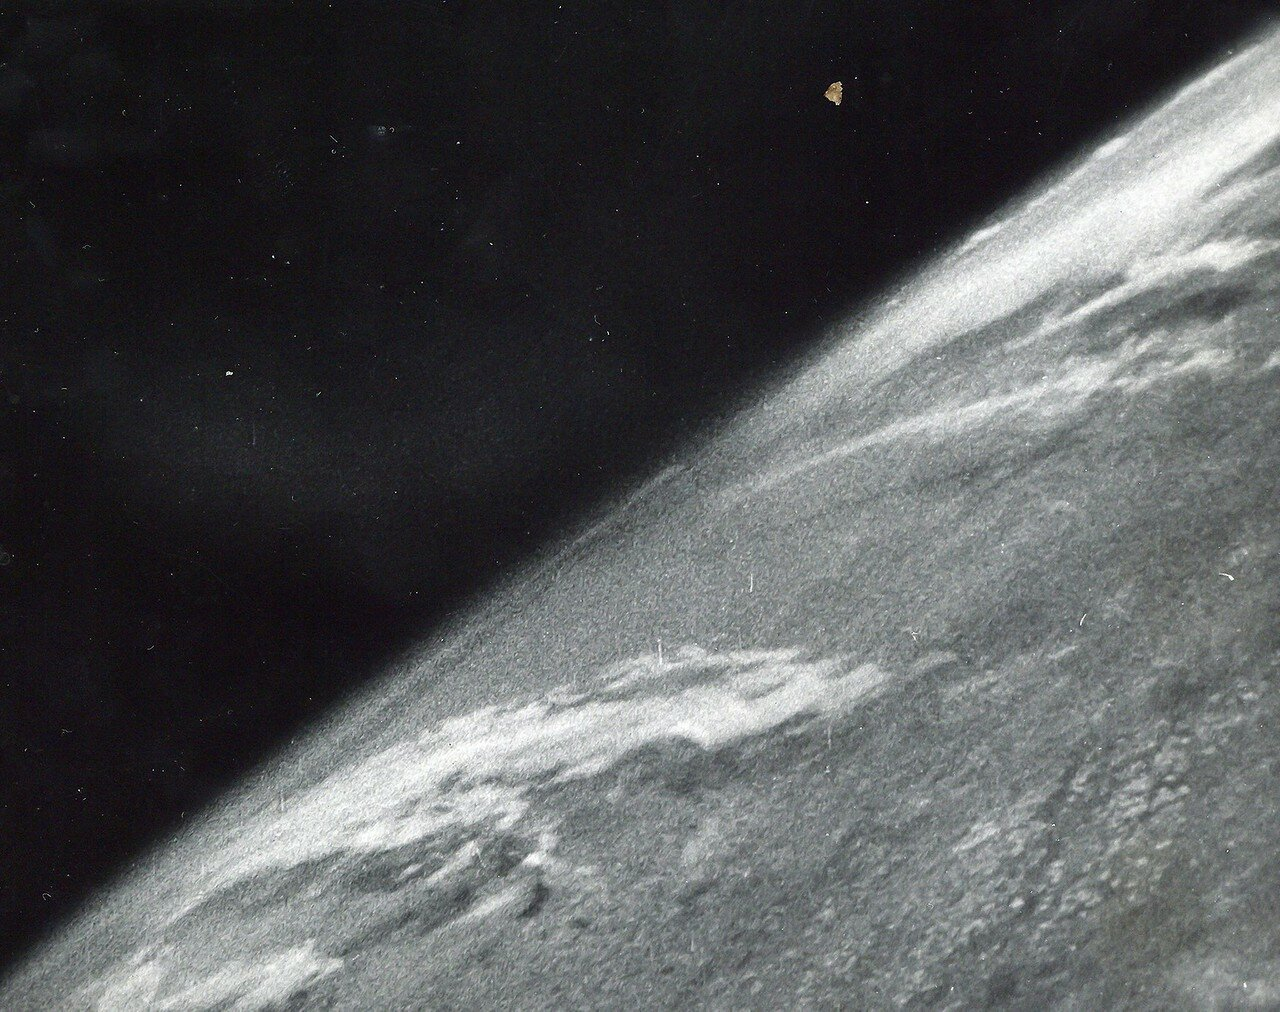 02. 1946, 24 октября. Первая фотография Земли из космоса была получена 24 октября 1946. Запущенная в США с полигона White Sands автоматическая ракета V-2 вышла на суборбитальную траекторию с апогеем 105 км и сделала серию снимков Земли